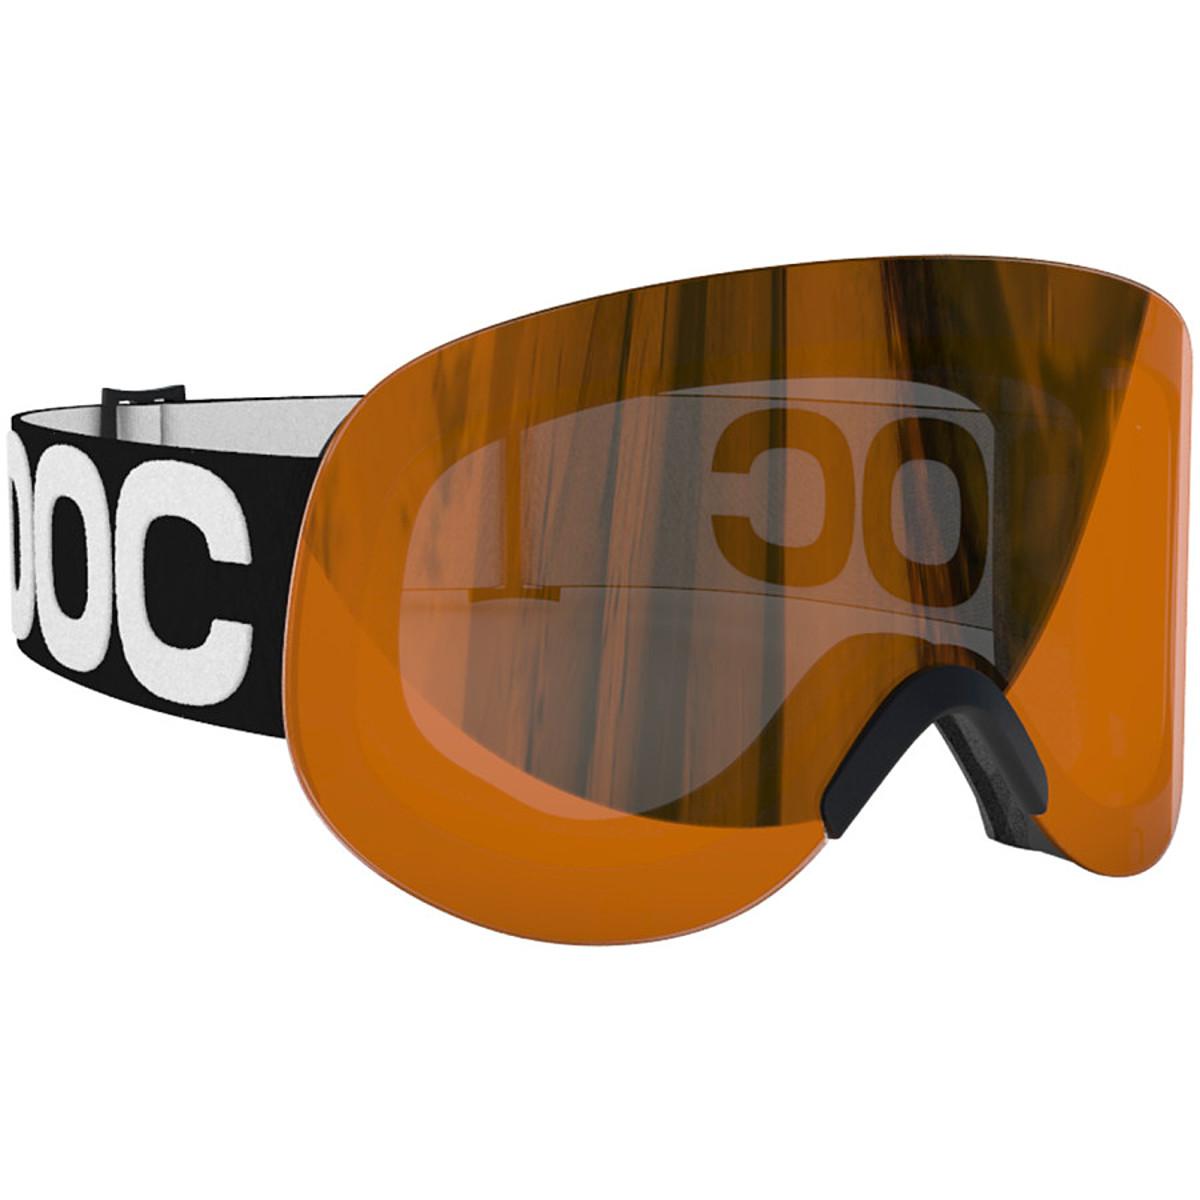 POC Lid Goggle